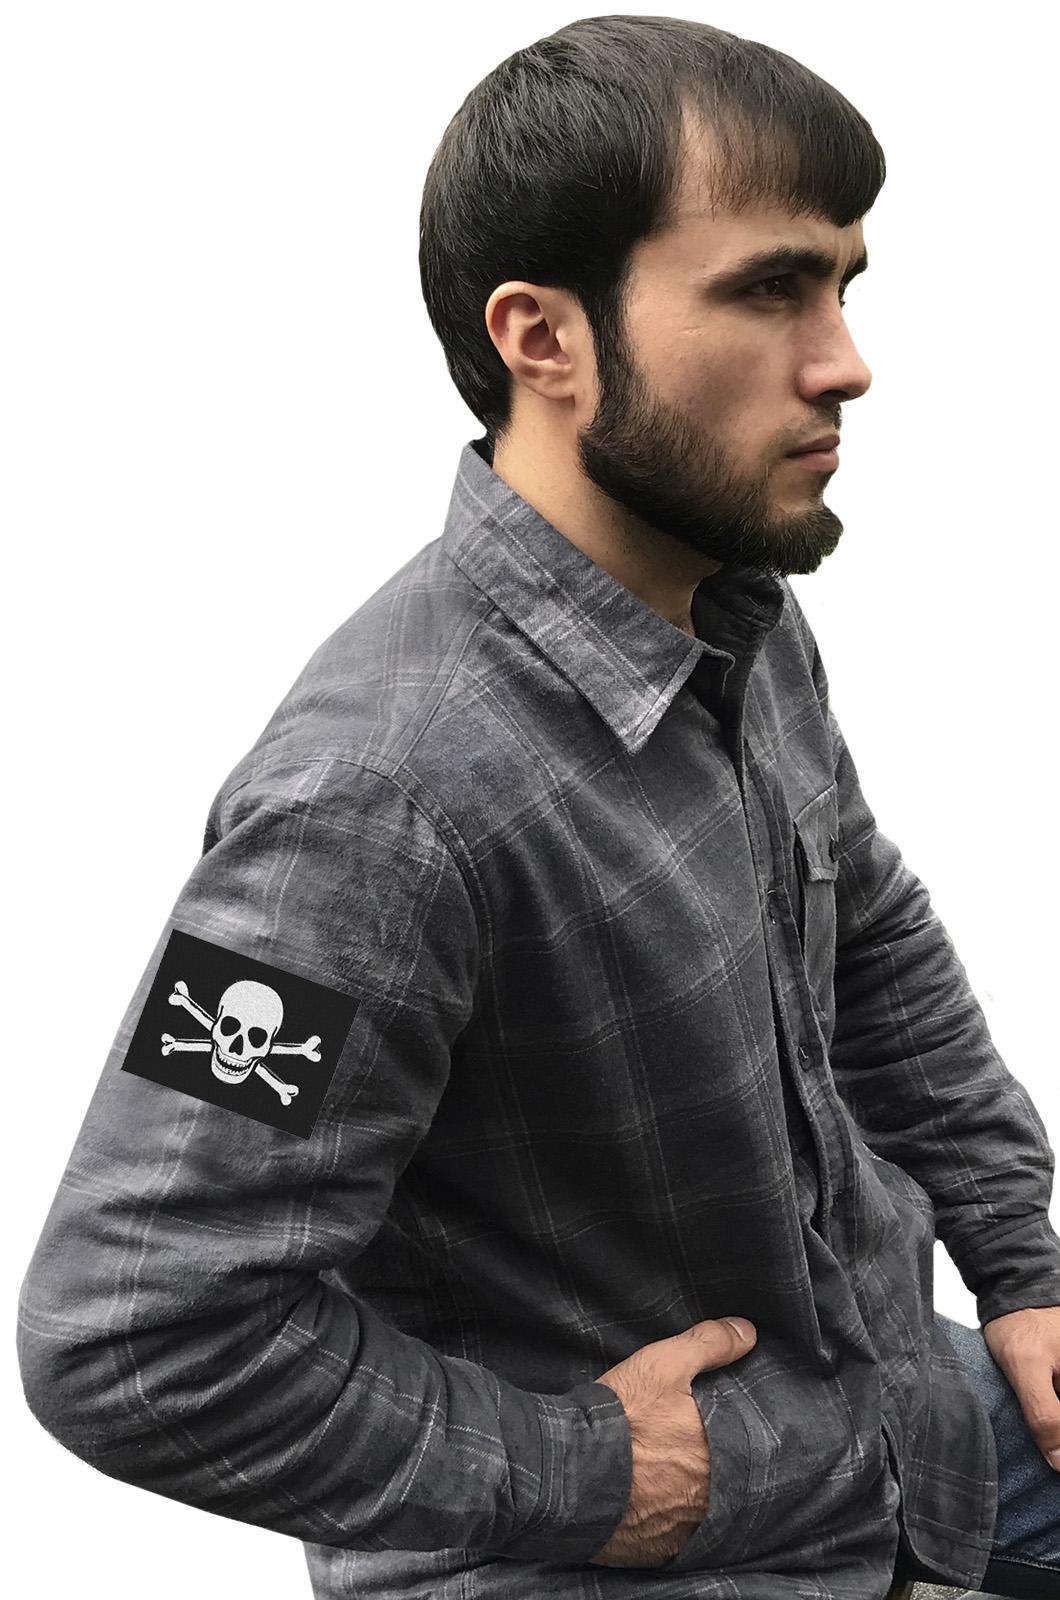 Надежная рубашка с вышитым пиратским шевроном - купить в Военпро